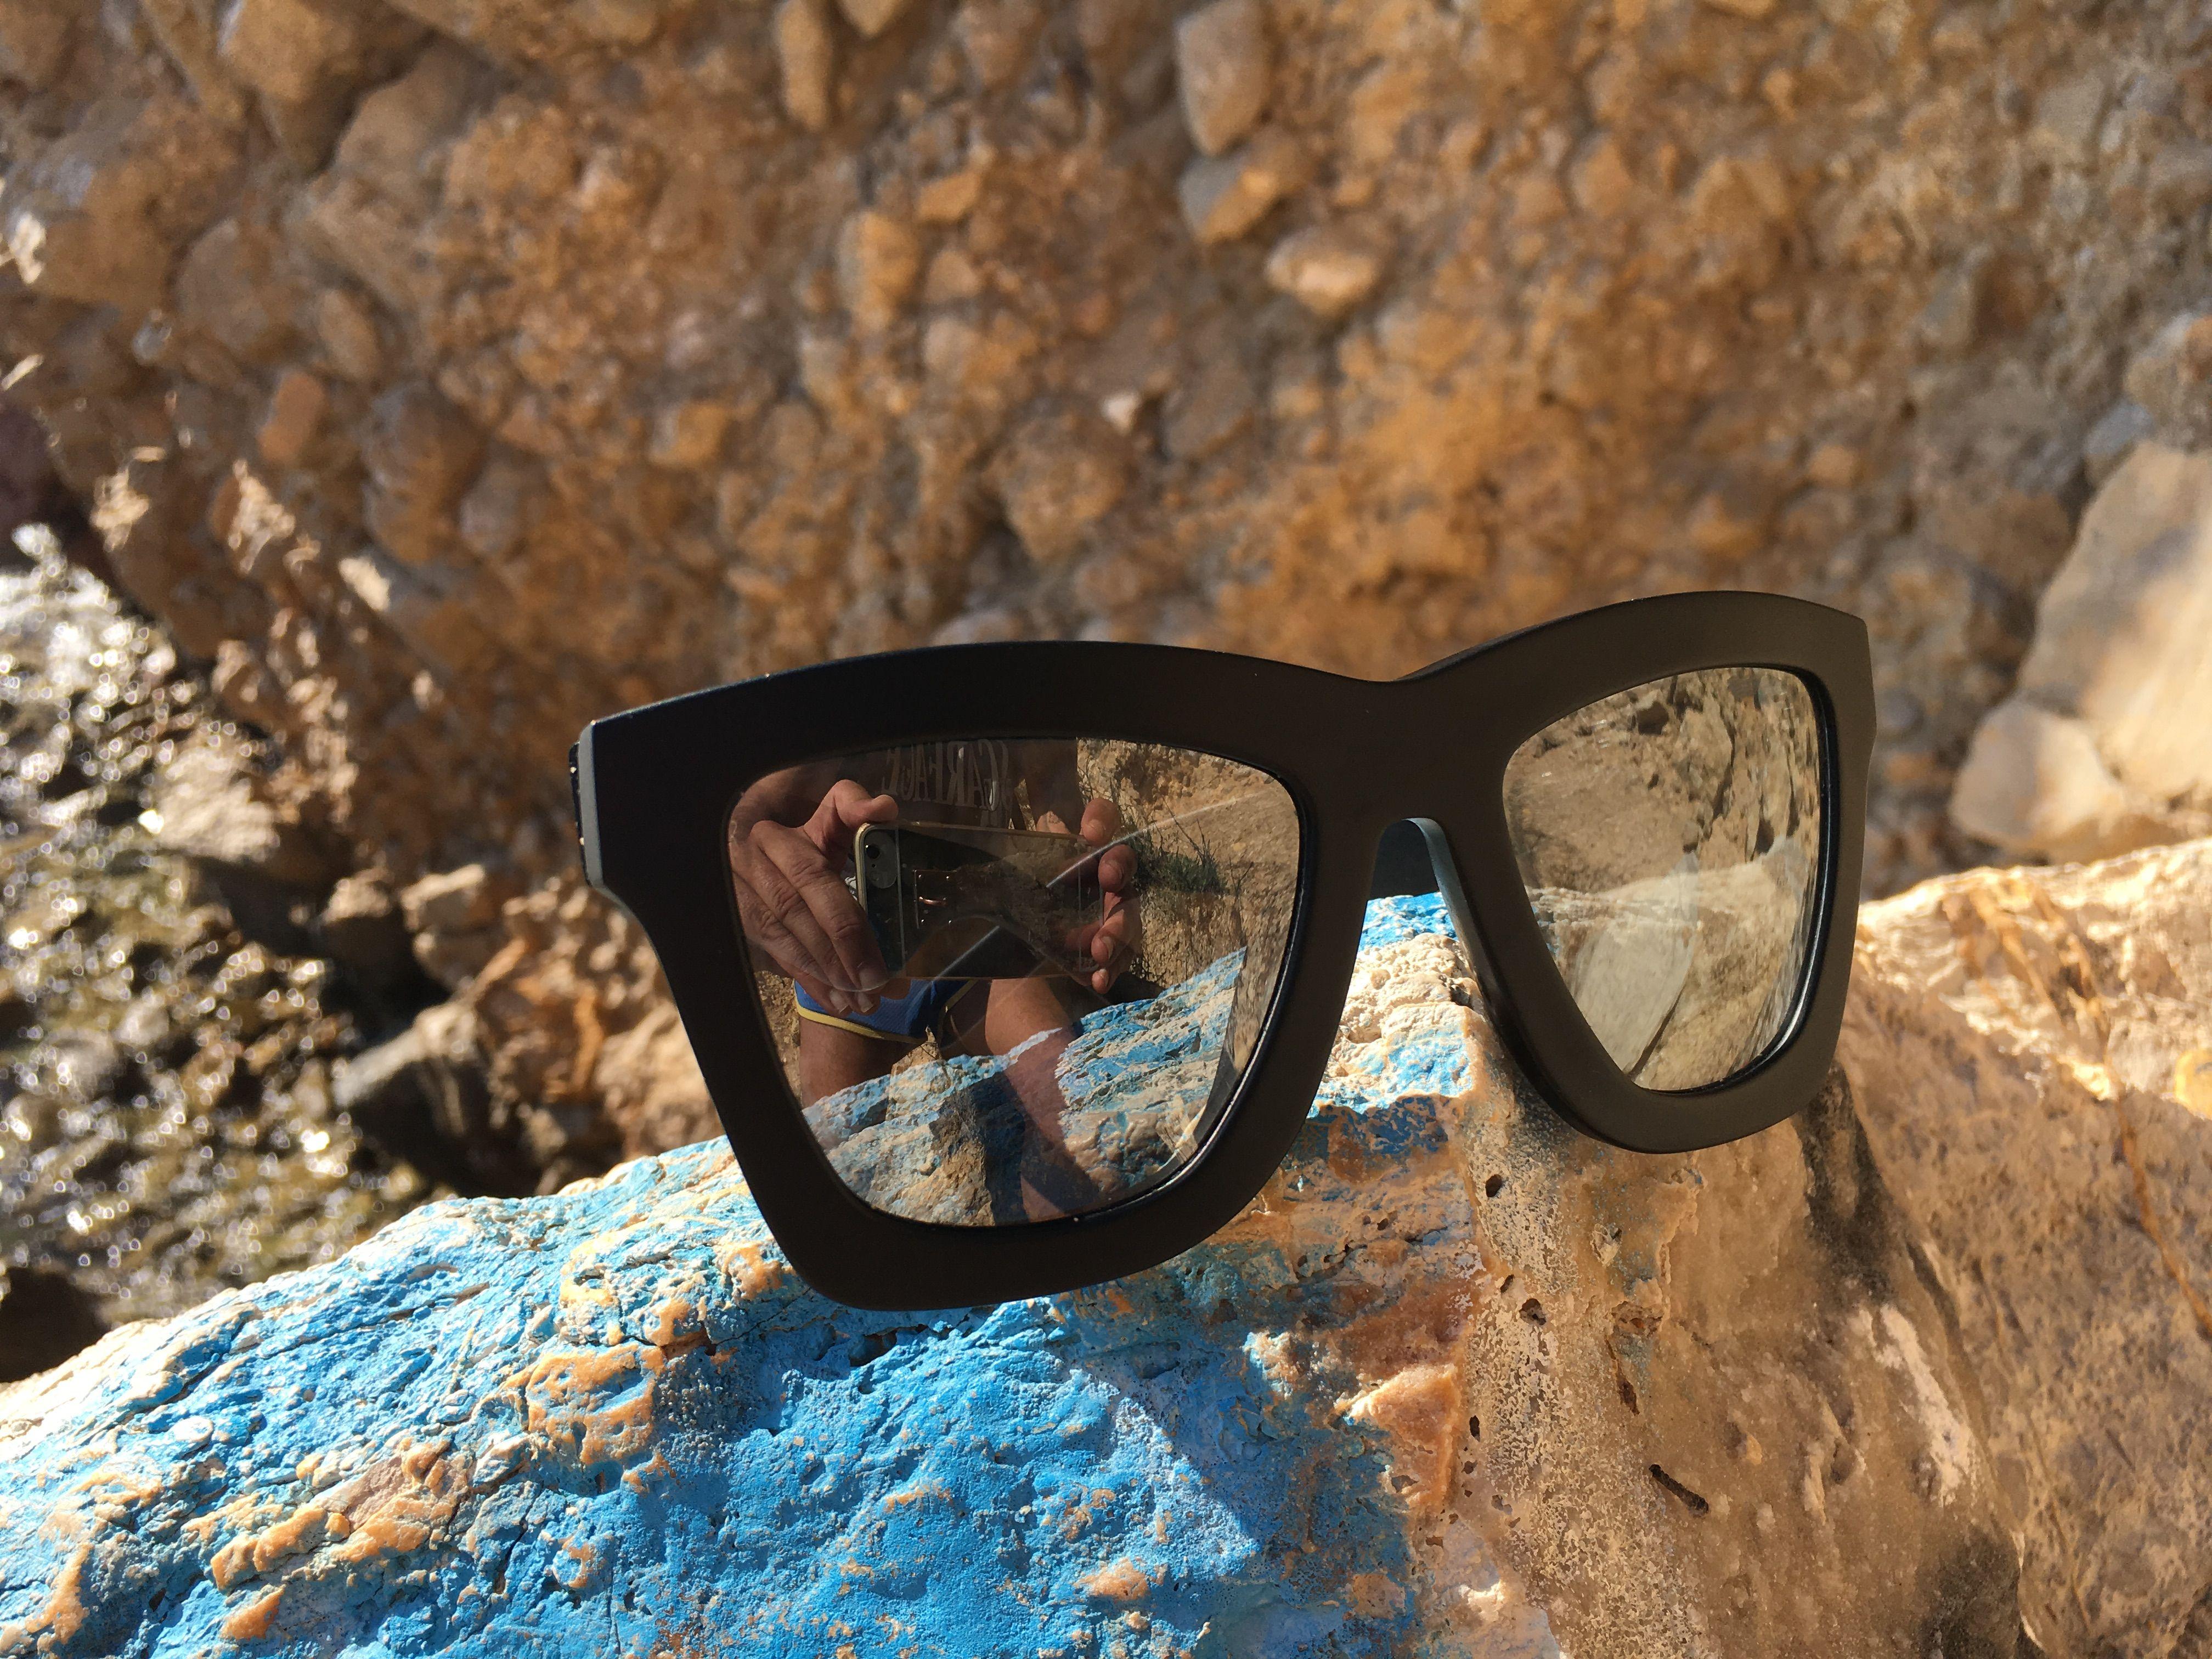 1315fd609b ... Optica Gran Vía Barcelona. gafas de sol valley eyewear unisex